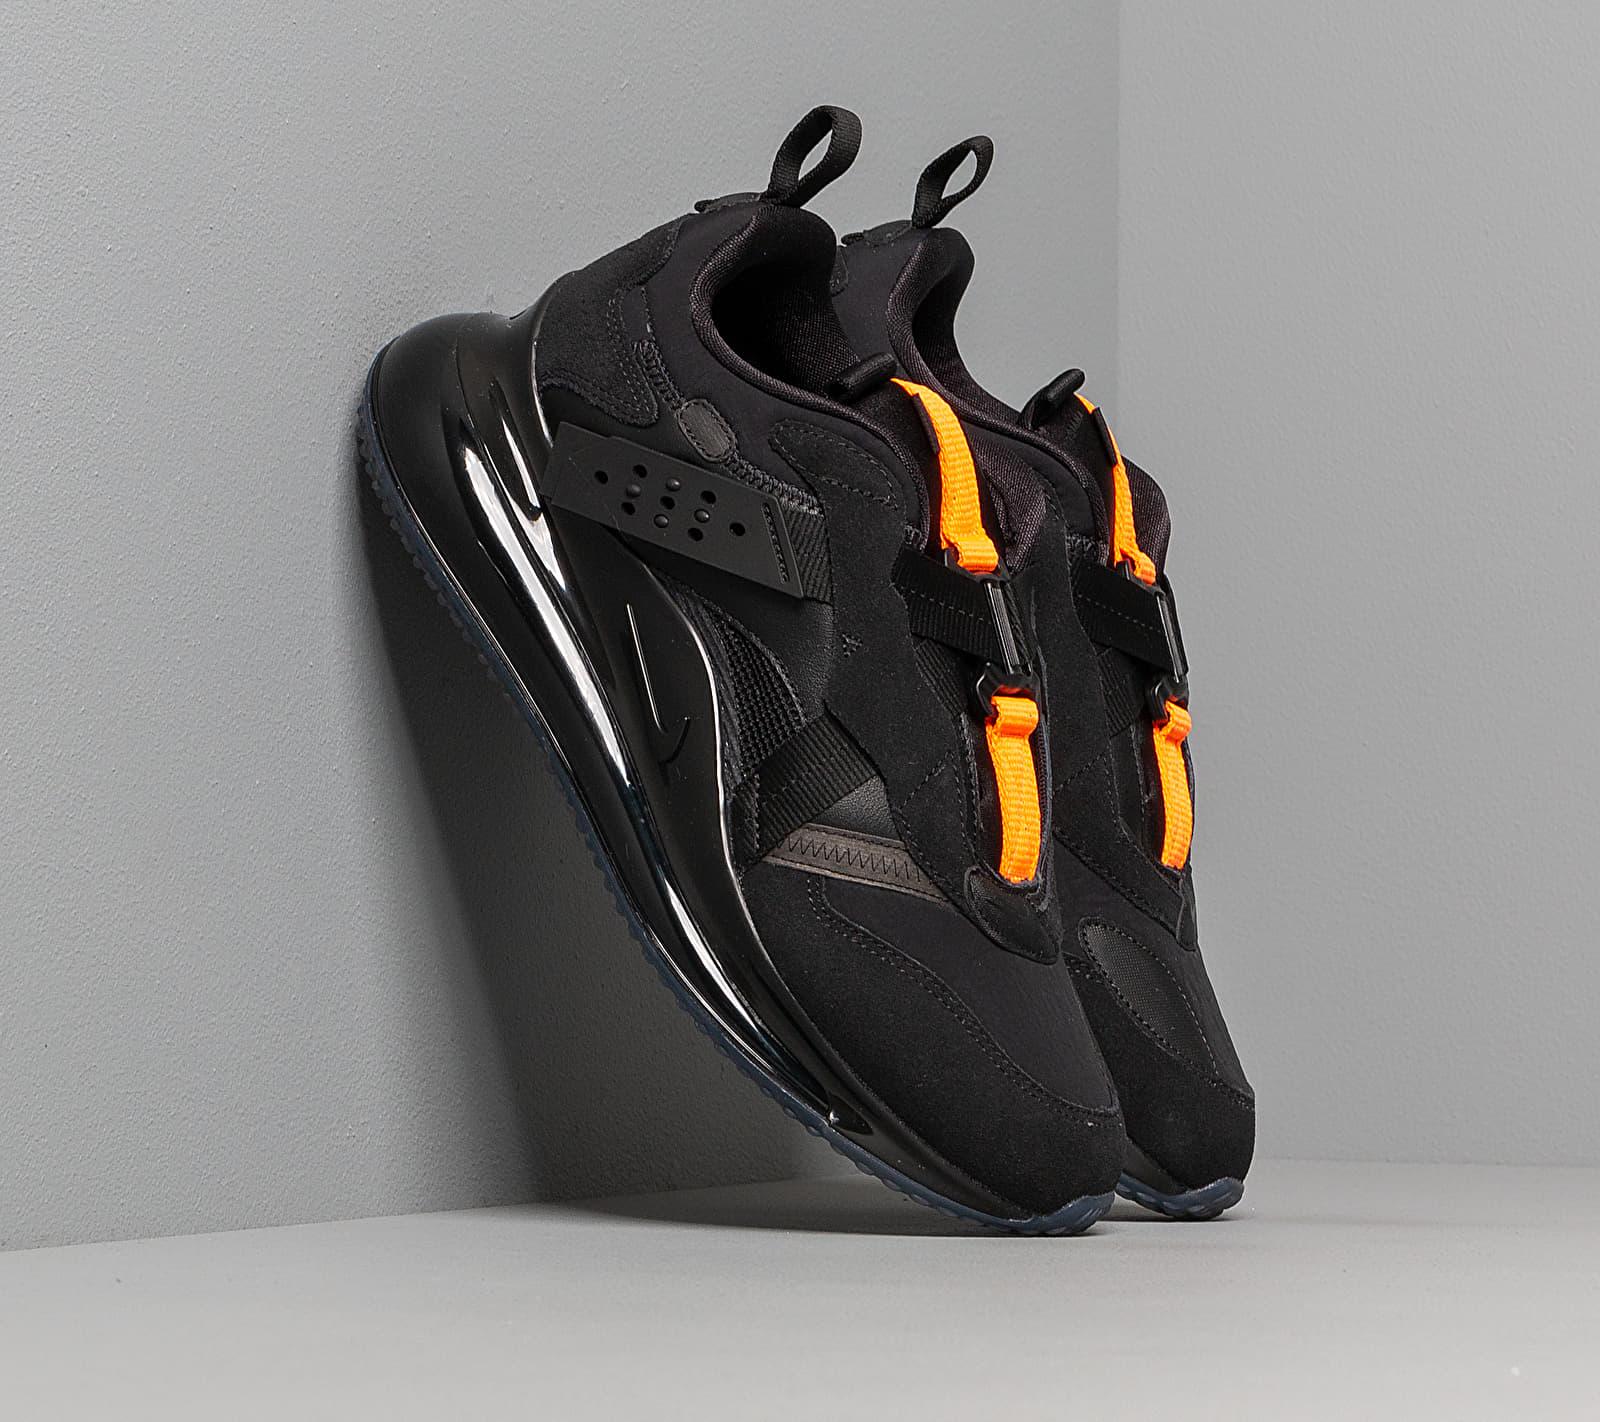 Nike Air Max 720 Slip / Obj Black/ Black-Total Orange DA4155-001